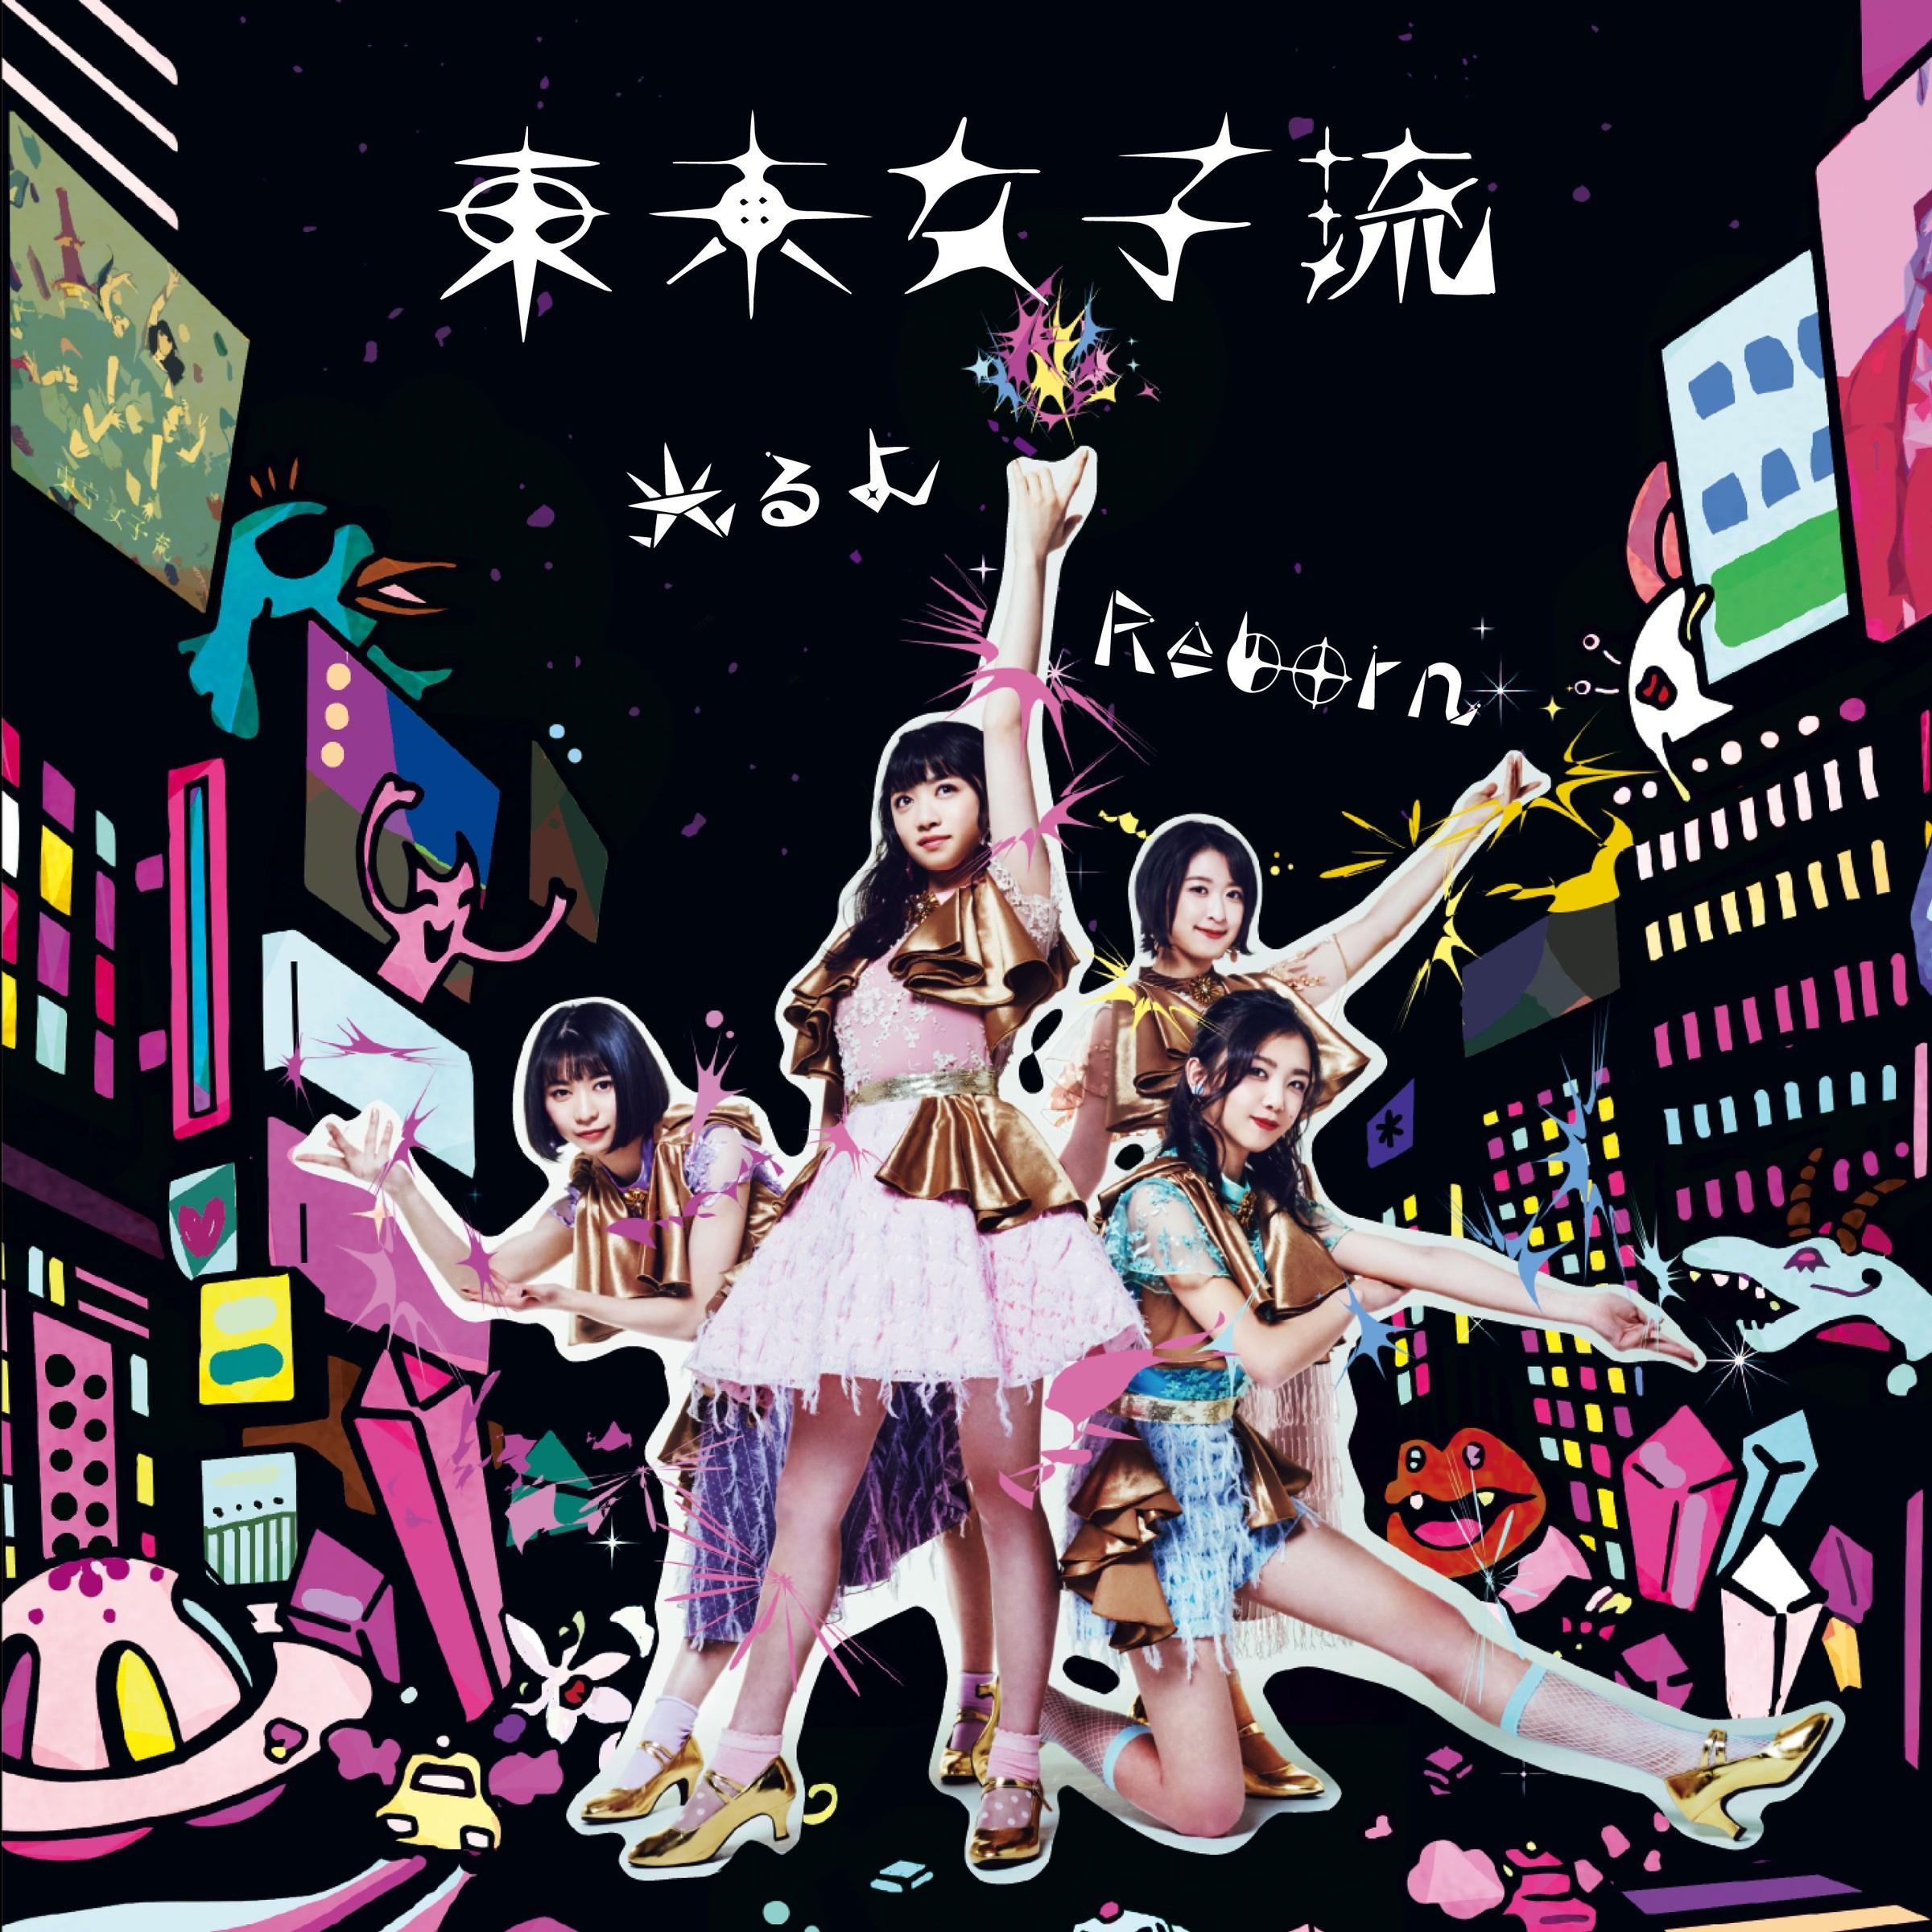 東京女子流 (TOKYO GIRLS' STYLE) – 光るよ / Reborn [FLAC + MP3 320